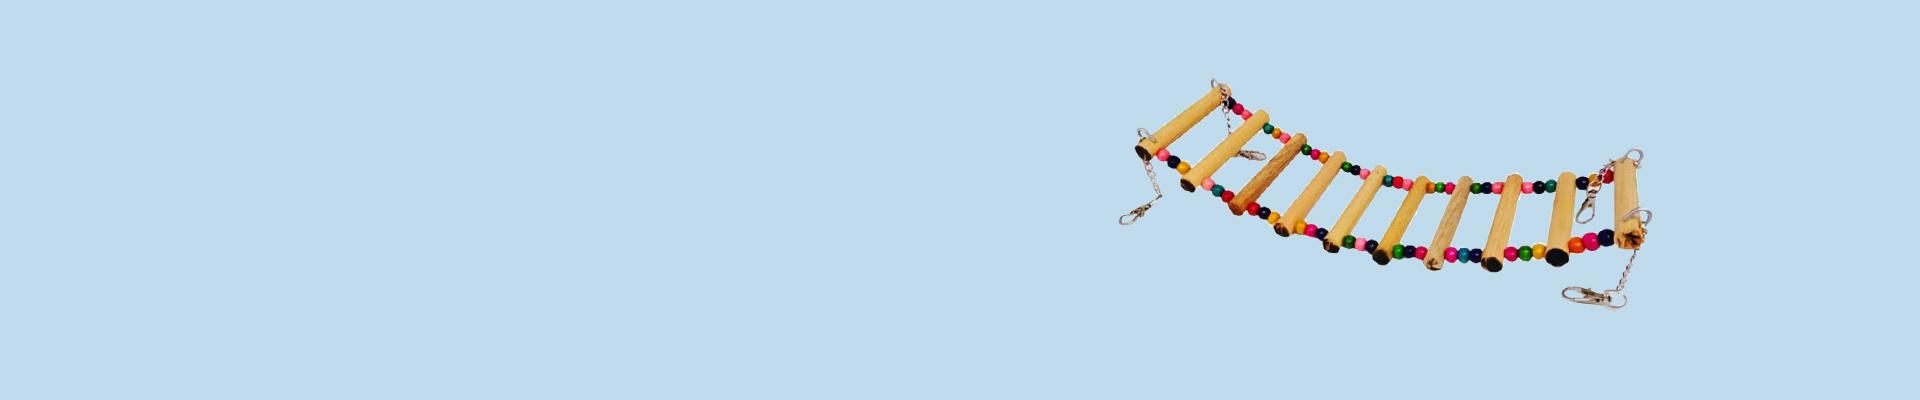 Jual Mainan Burung Terlengkap & Berkualitas - Harga Murah & Terbaru